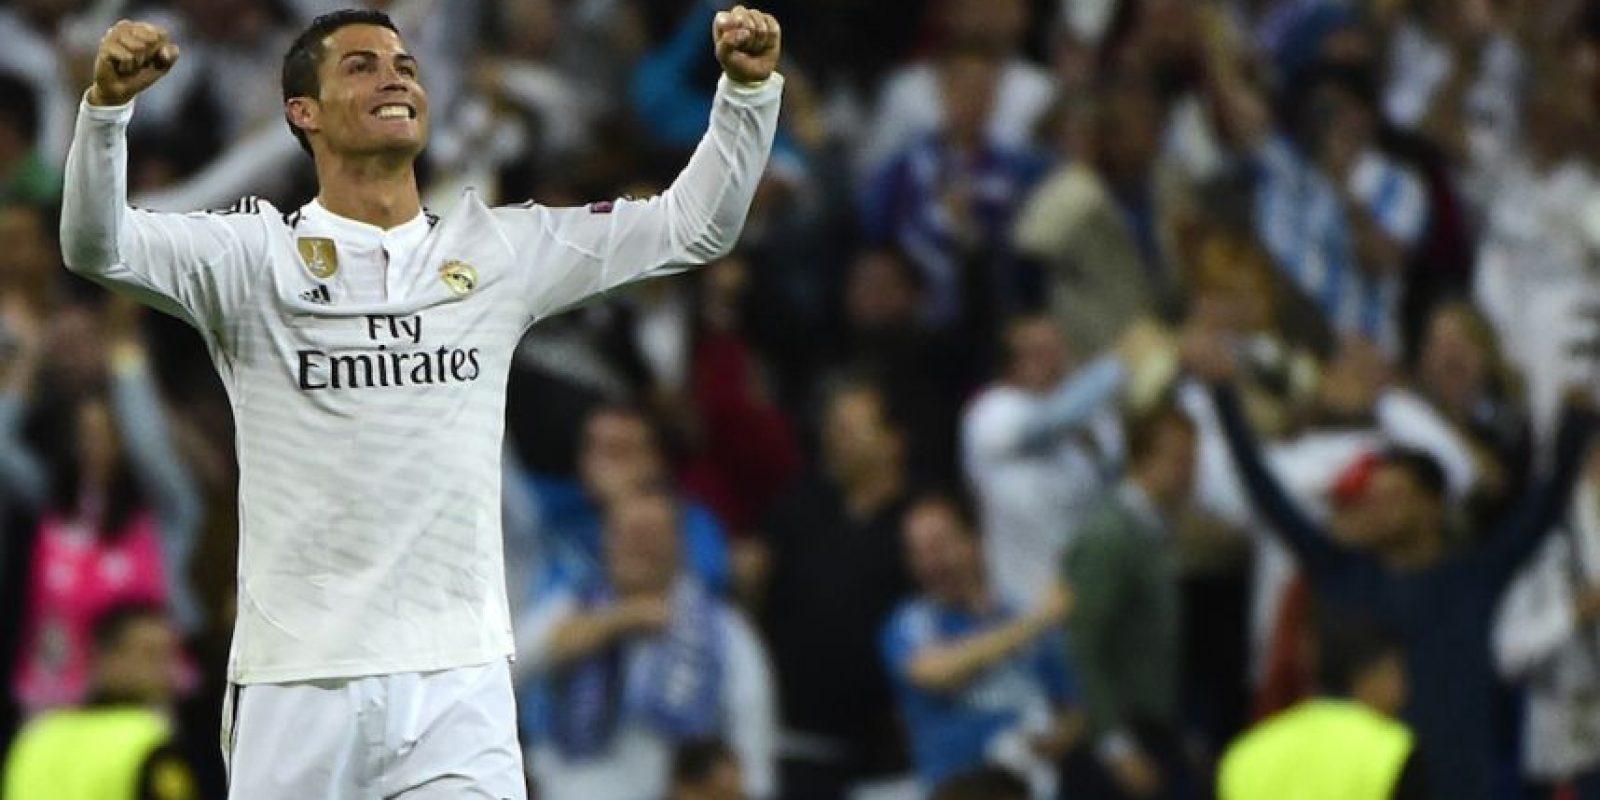 """En la temporada que recién terminó, Cristiano Ronaldo marcó 61 goles con el Real Madrid, el mejor récord de su carrera. Ahora, el portugués deberá trabajar duro si quiere conseguir superar su propia marca, aunque en todos los años que lleva en el Madrid (menos en el primero, que fue de la adaptación), """"CR7"""" ha superado los 50 tantos. Foto:AFP"""